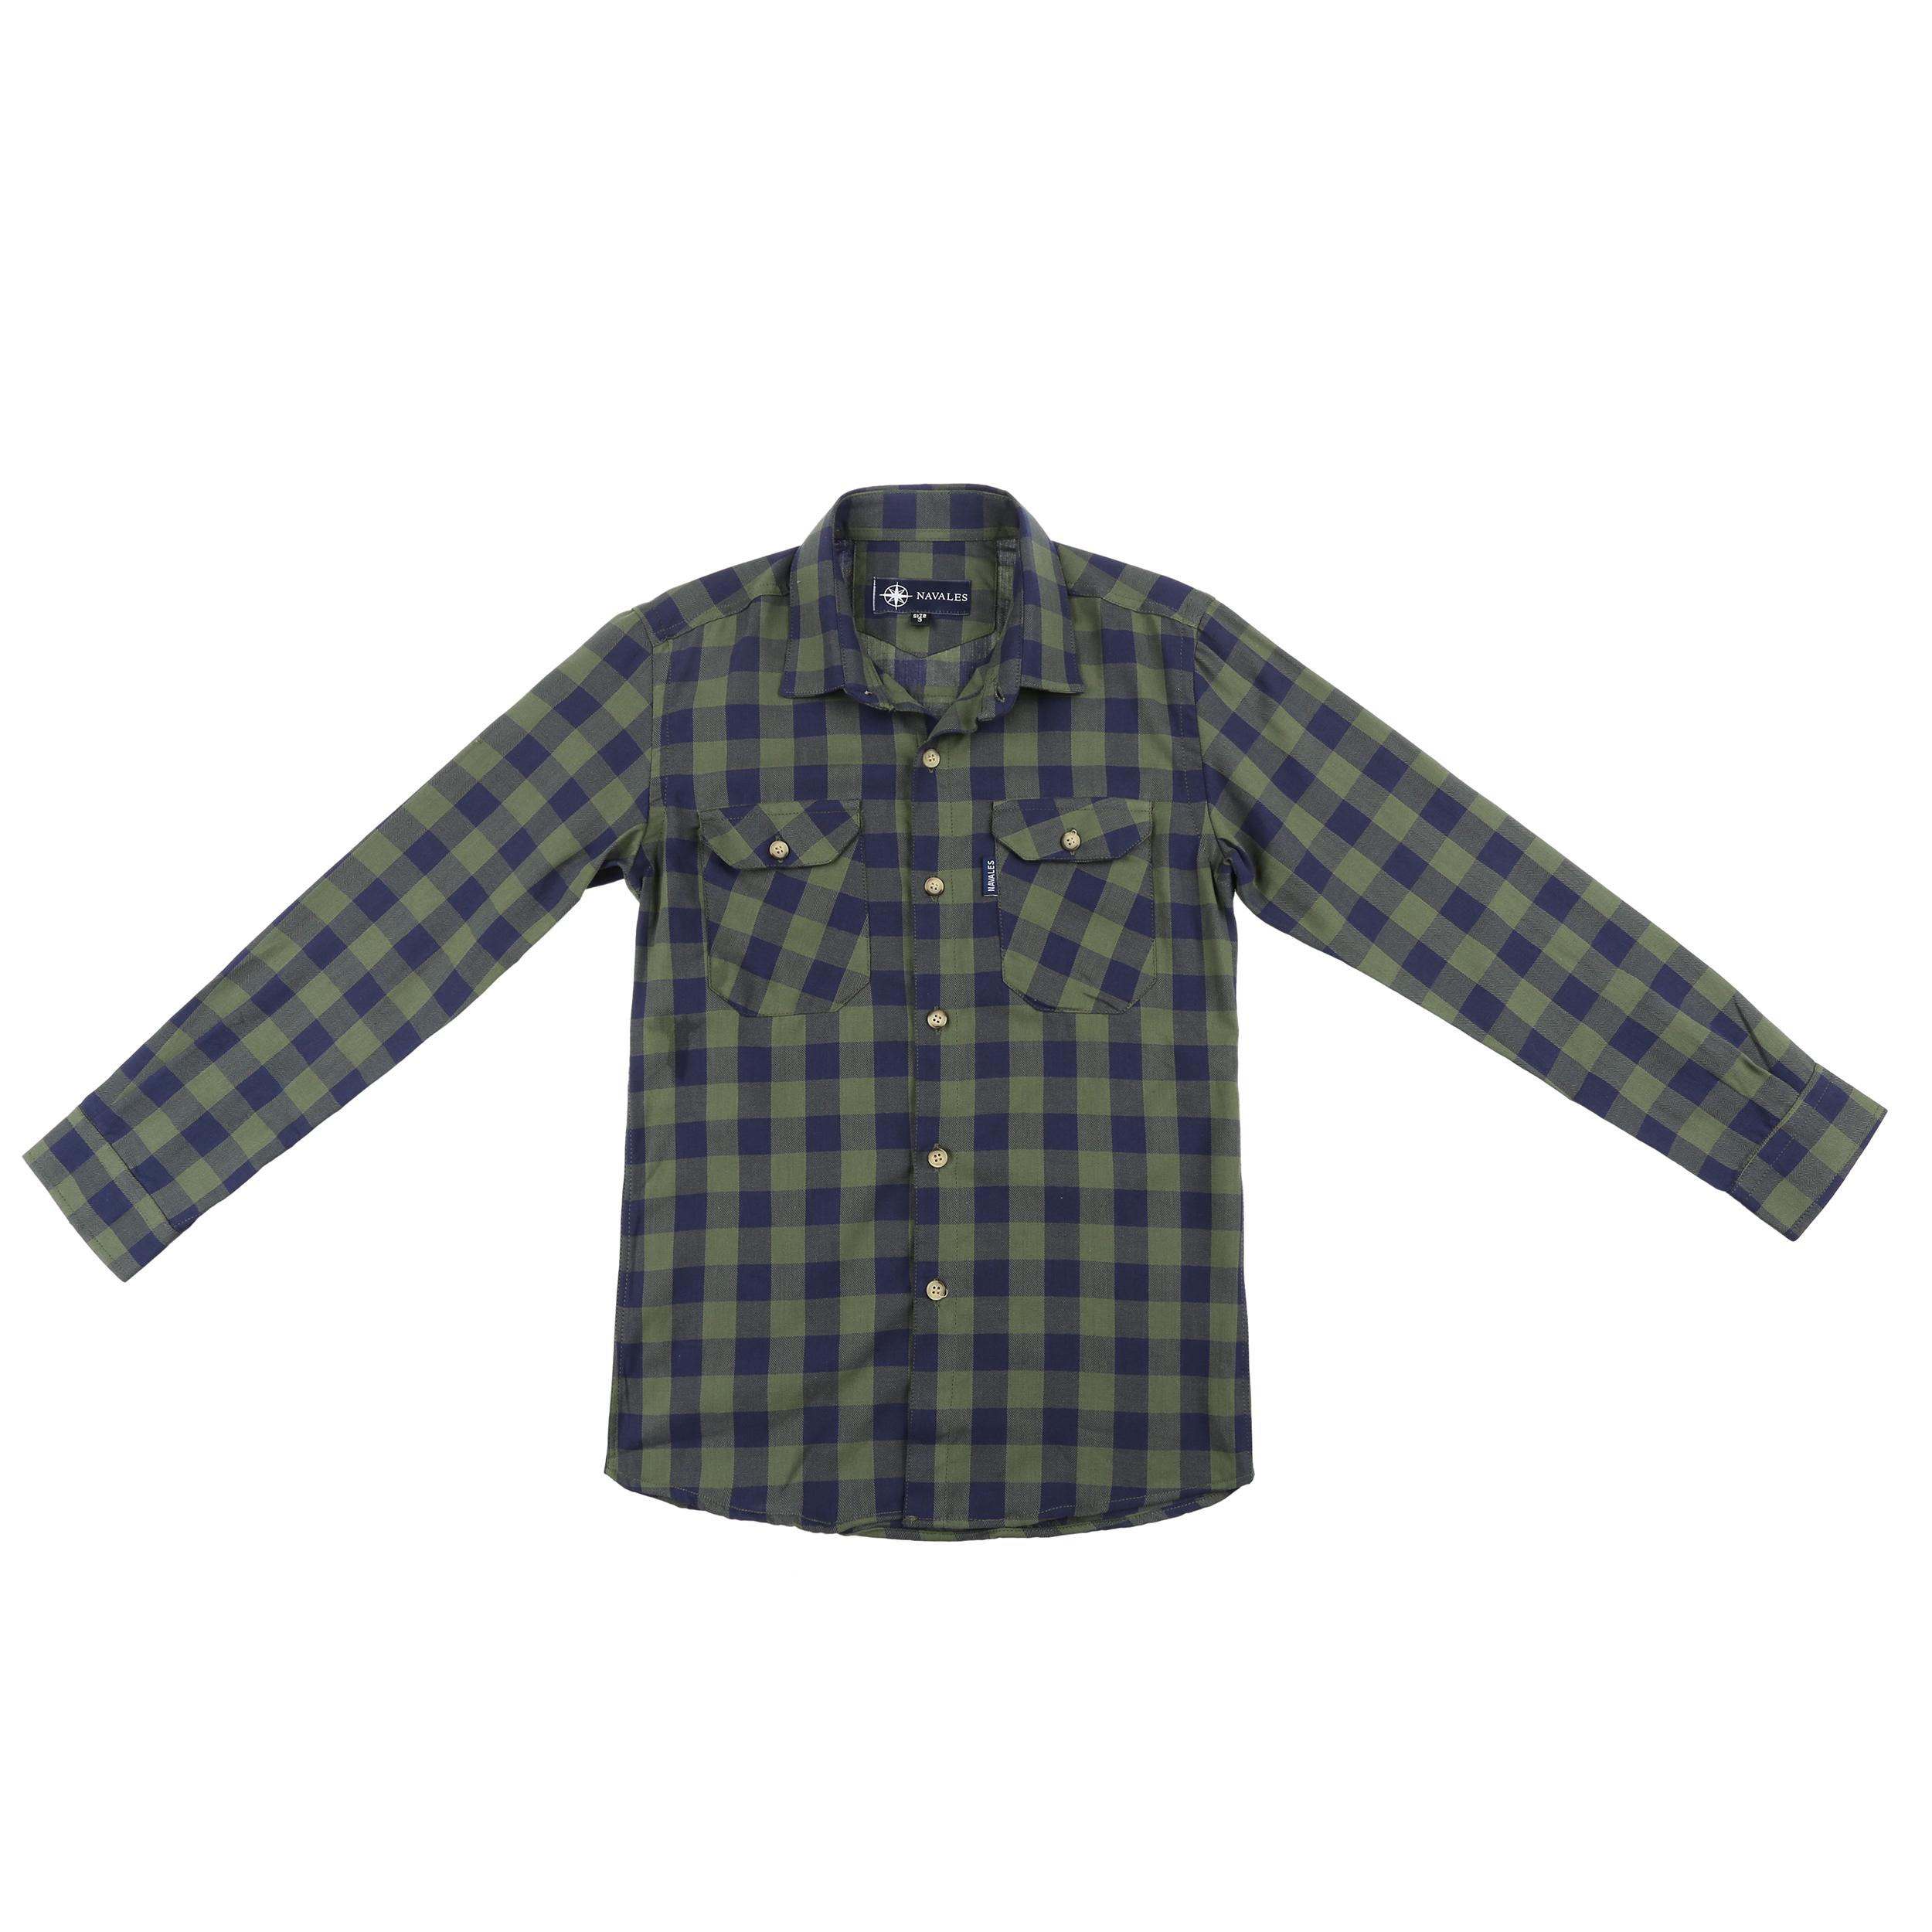 پیراهن پسرانه ناوالس کد D-20119-GN main 1 1